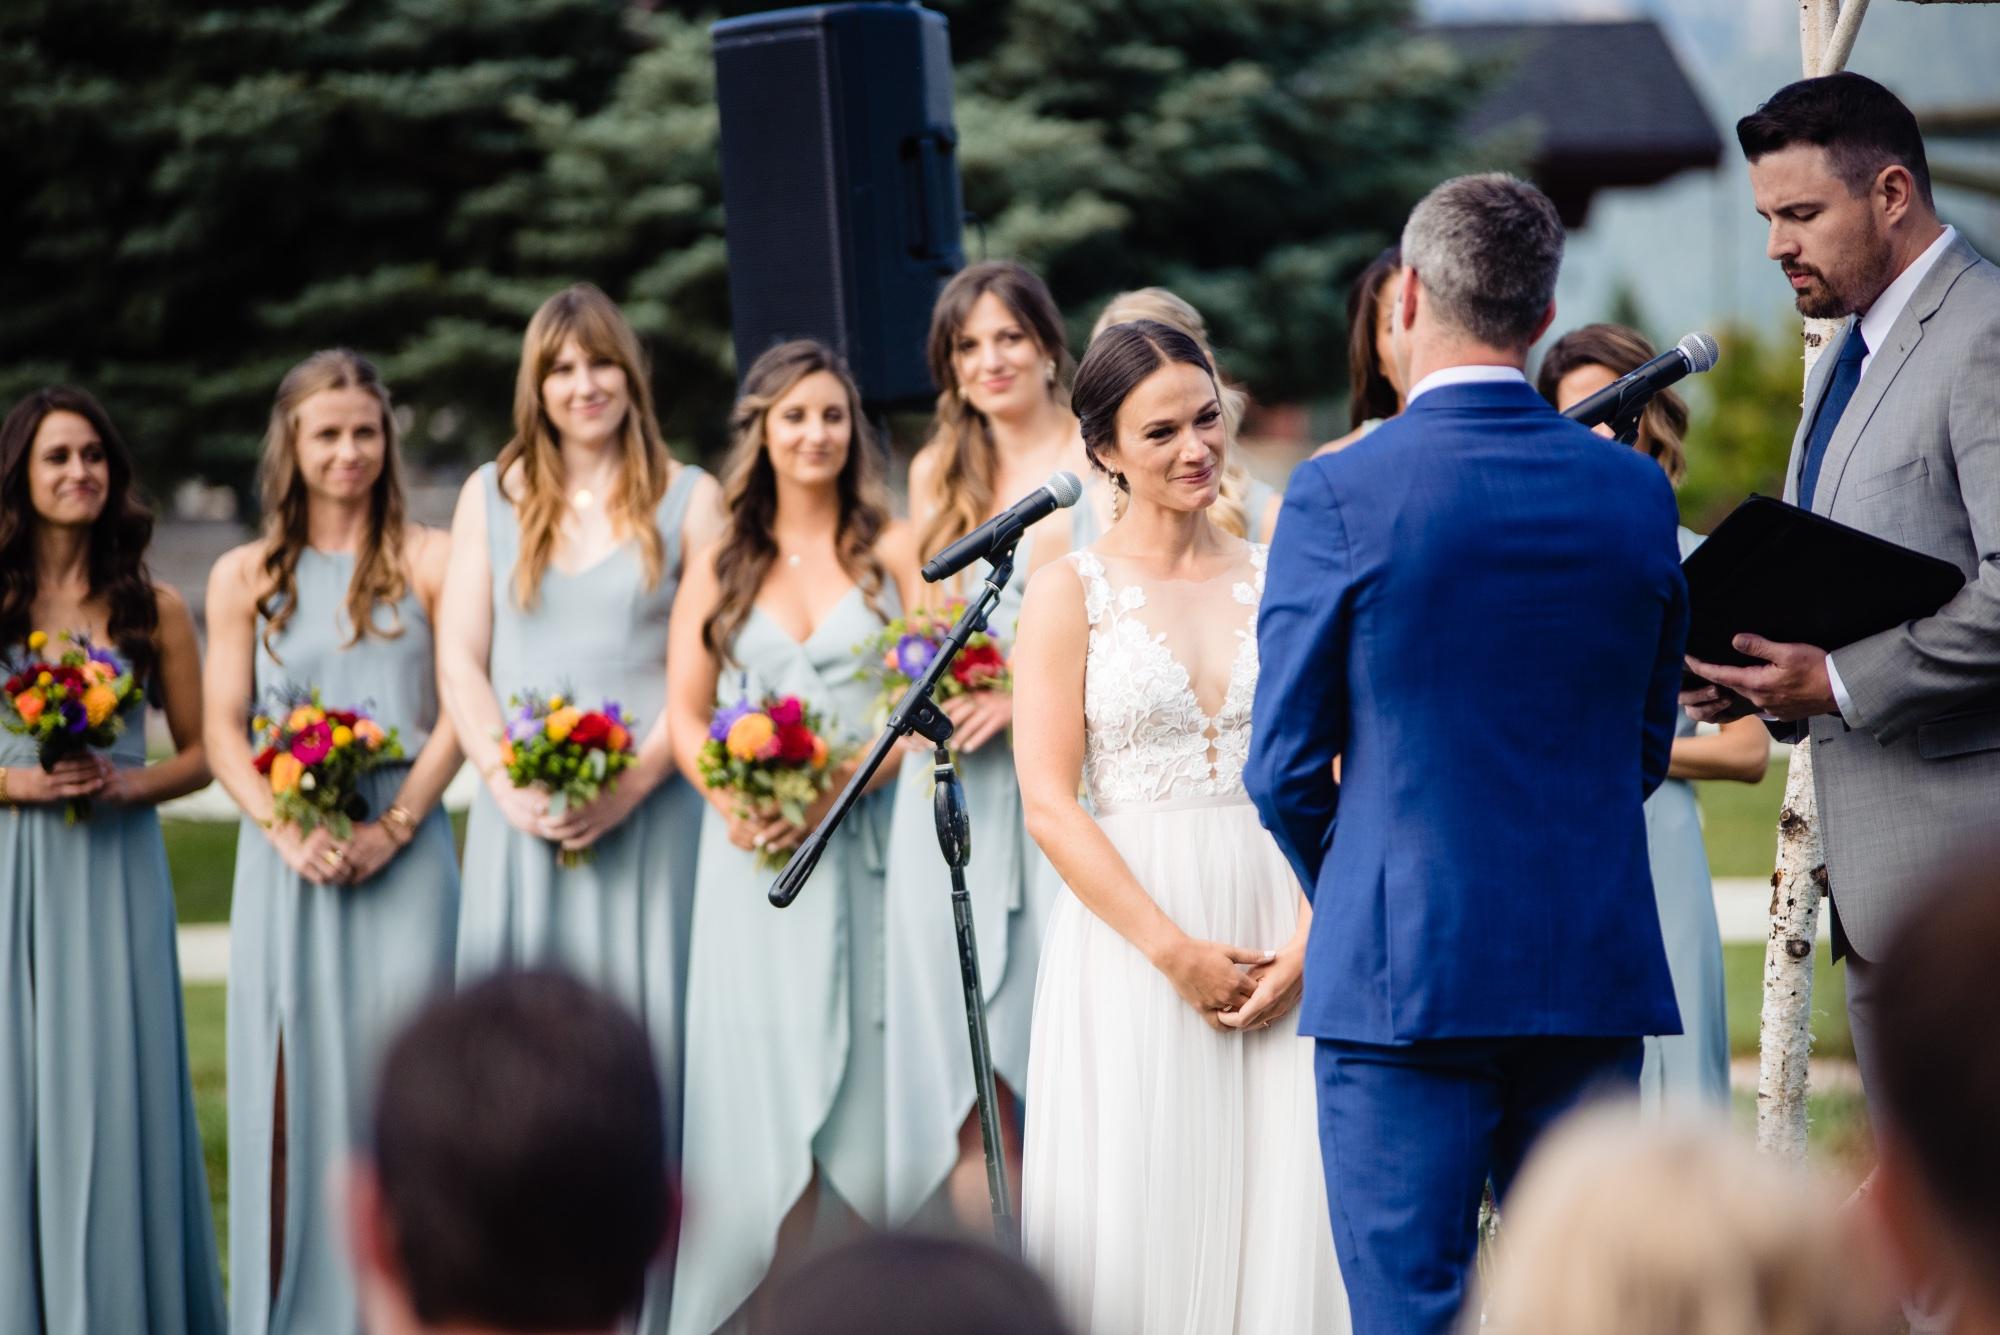 lindseyjane_weddings0084.jpg